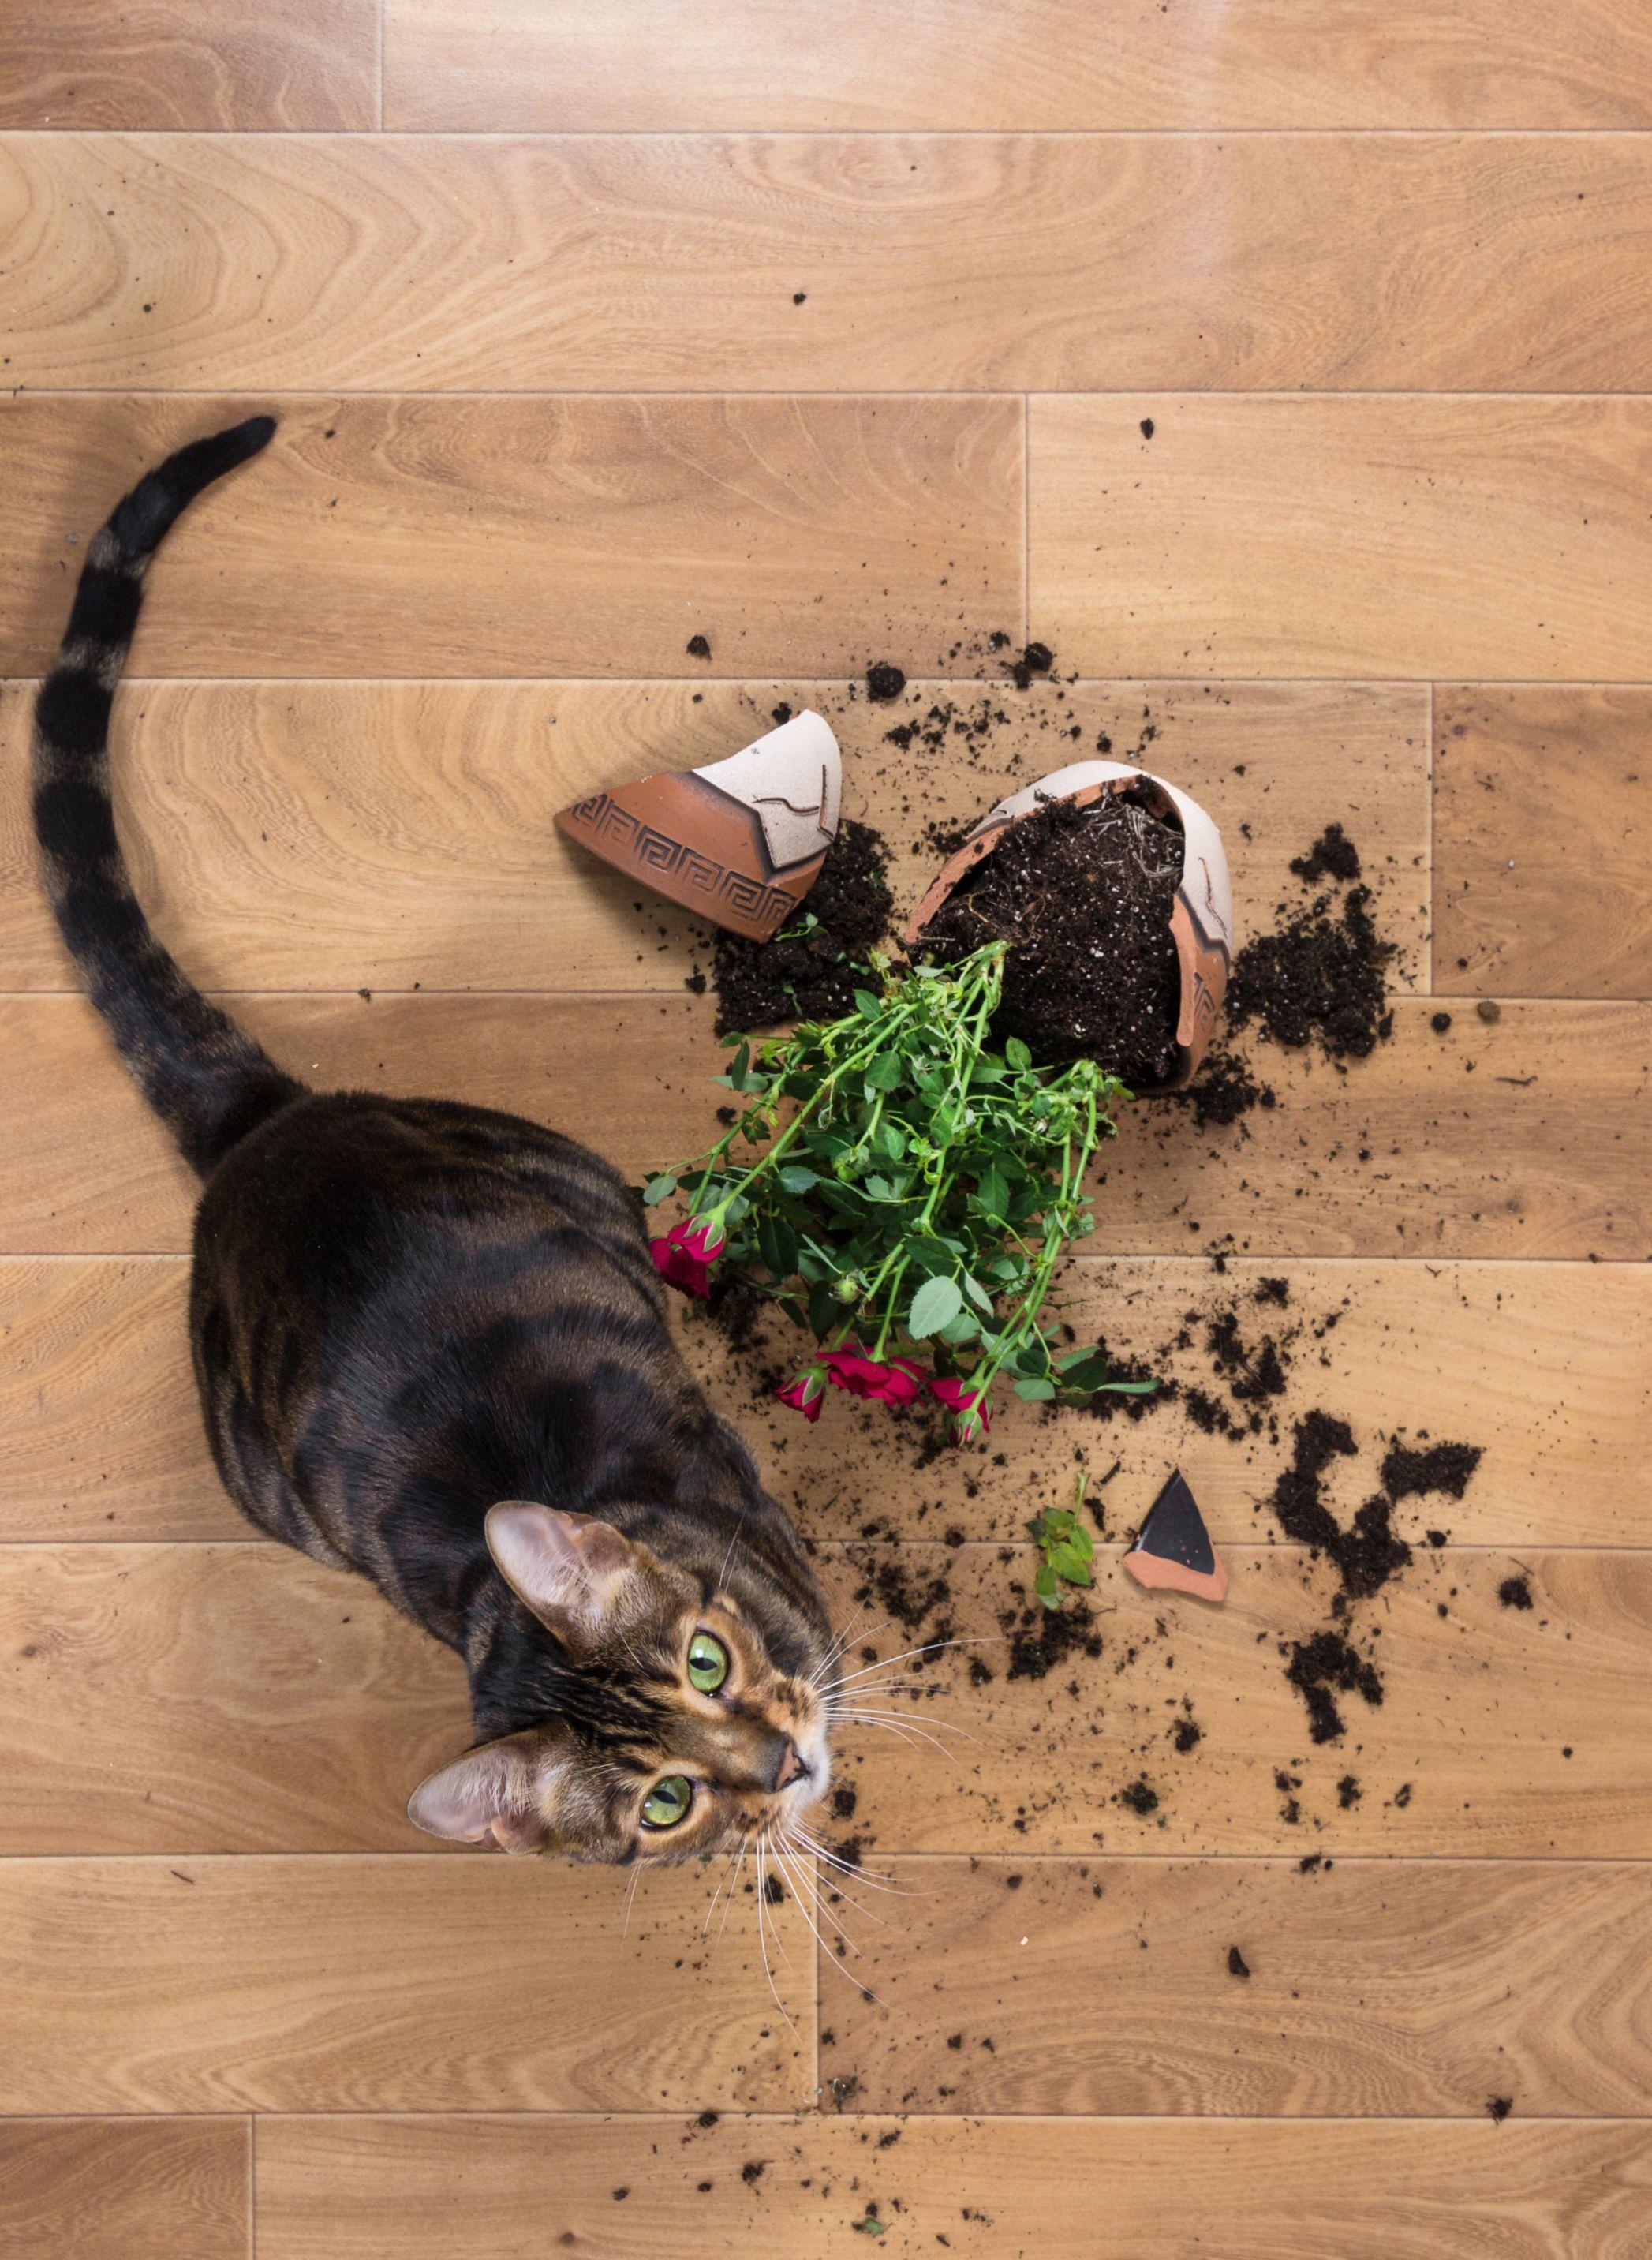 Cat with broken flower pot